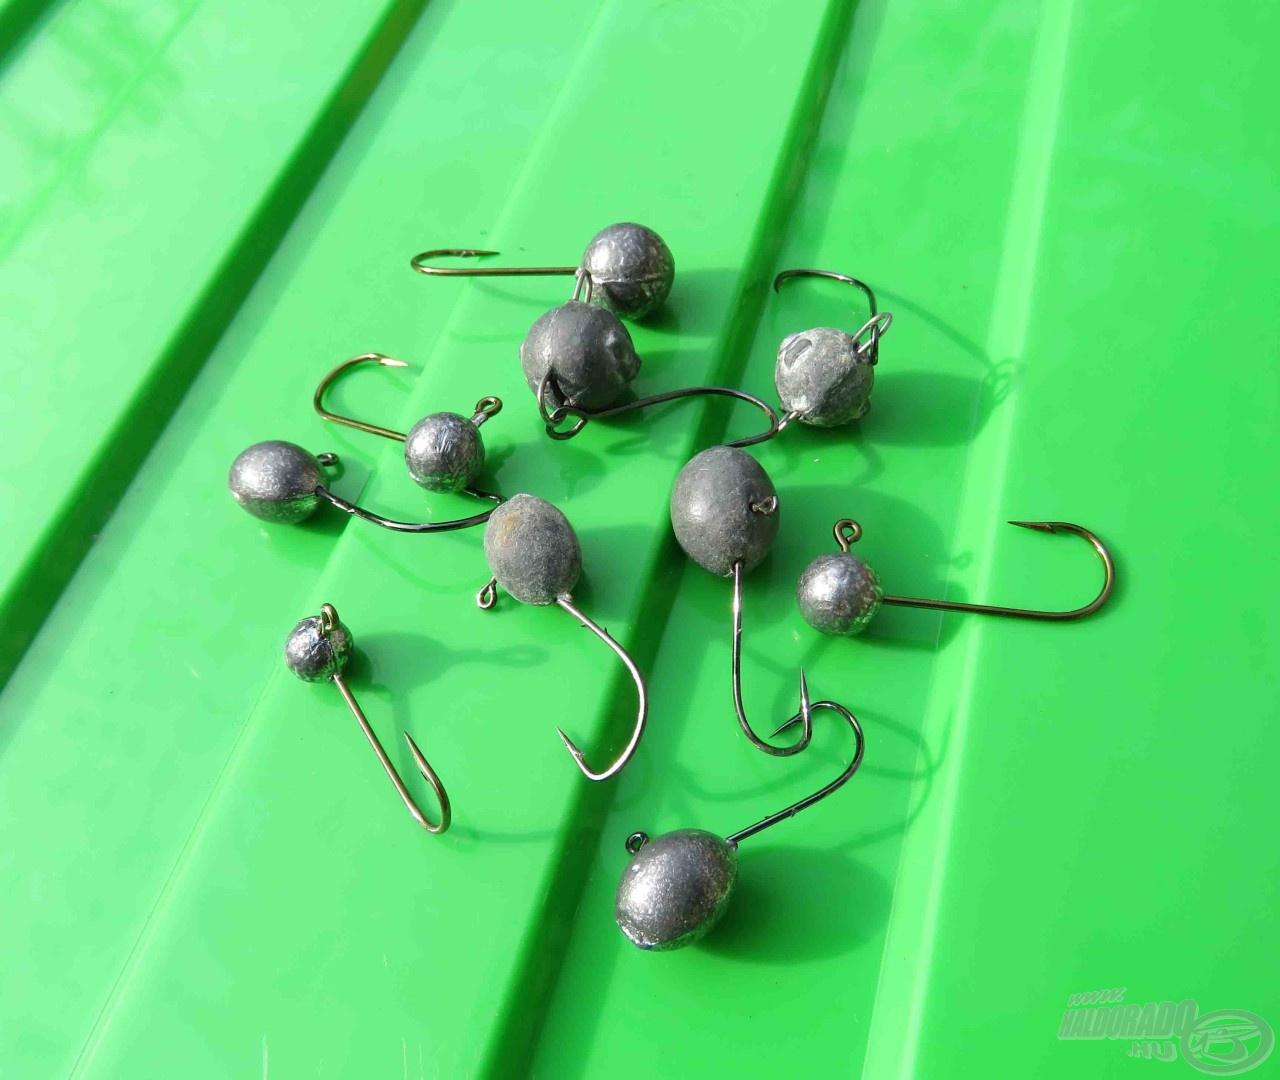 Bevetésre váró micro jigfejek, valamint apró cheburashka horgok és fejek